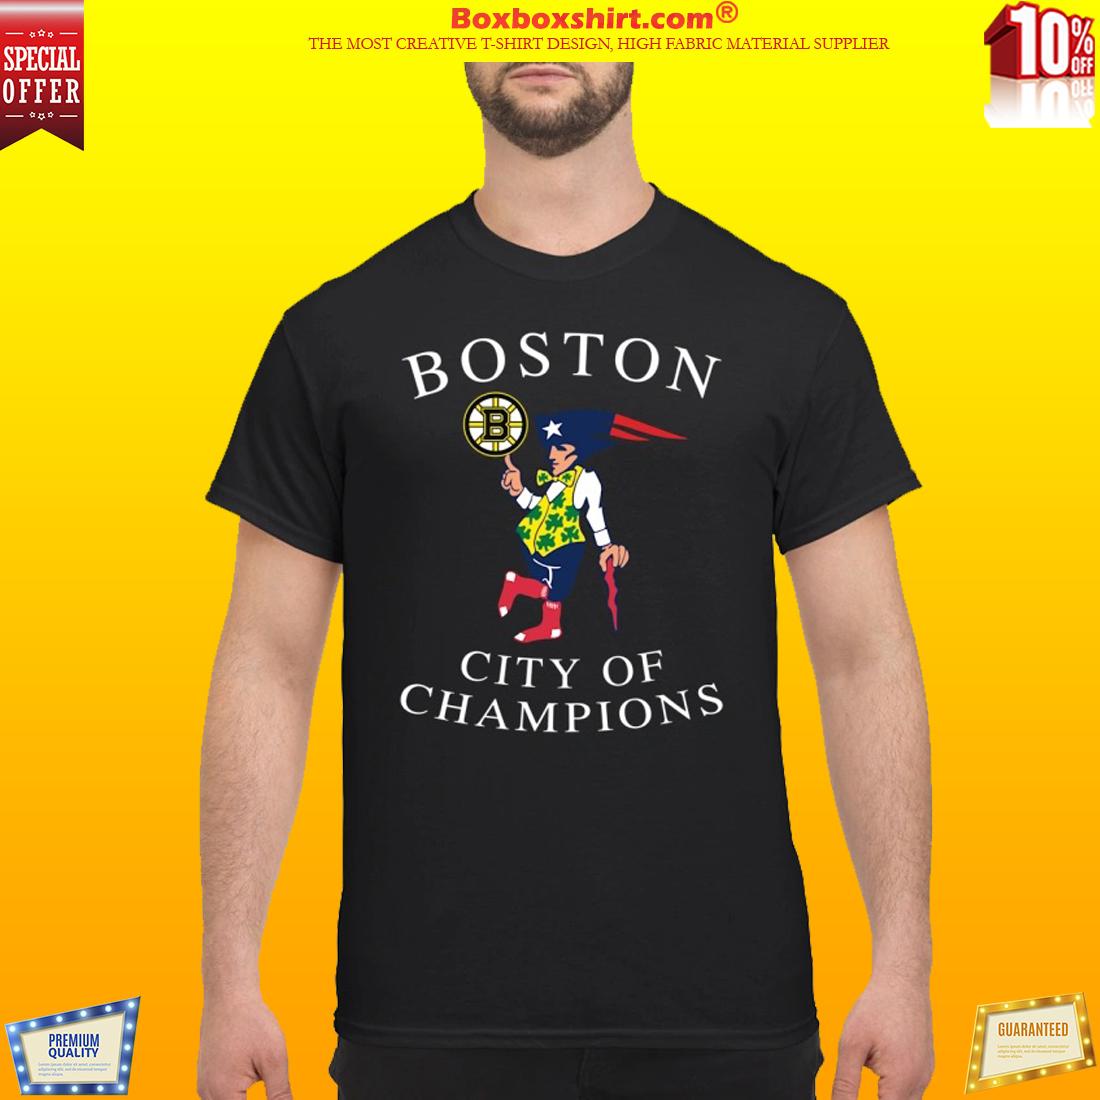 Boston city of champion t shirt